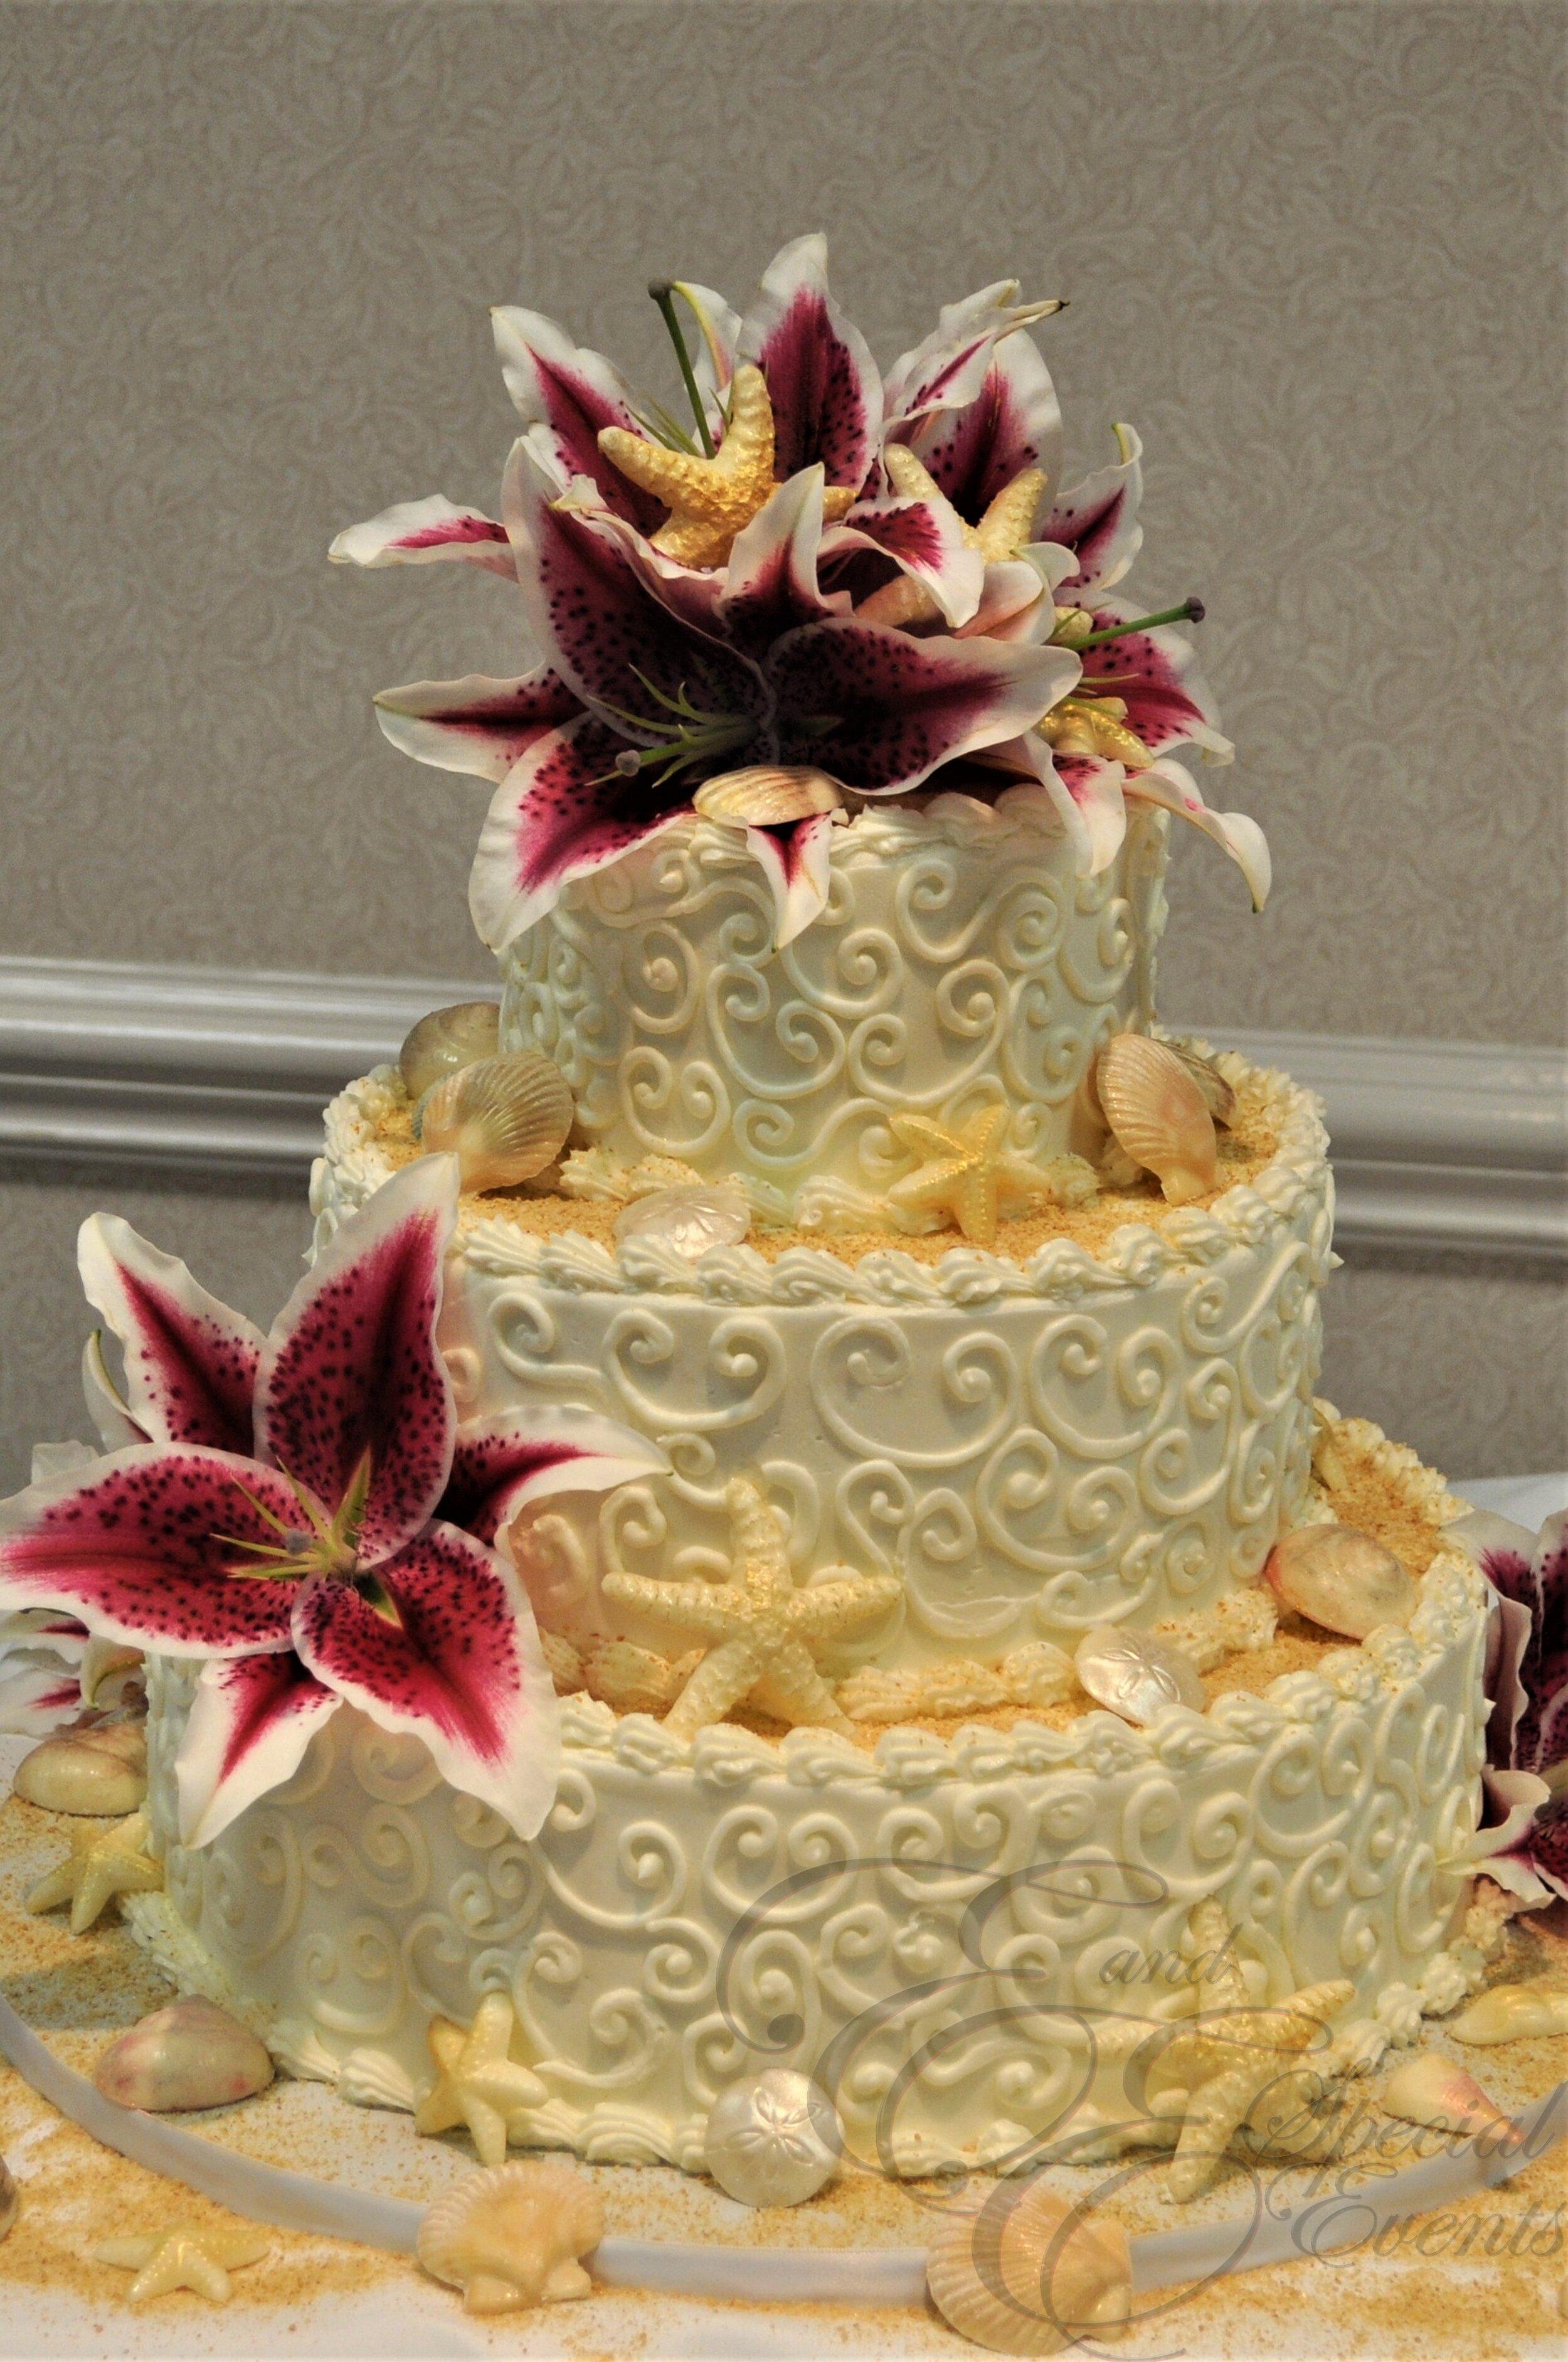 E_E_Special_Events_Wedding_Cakes_Virginia_Beach_Hampton_Roads5.jpg